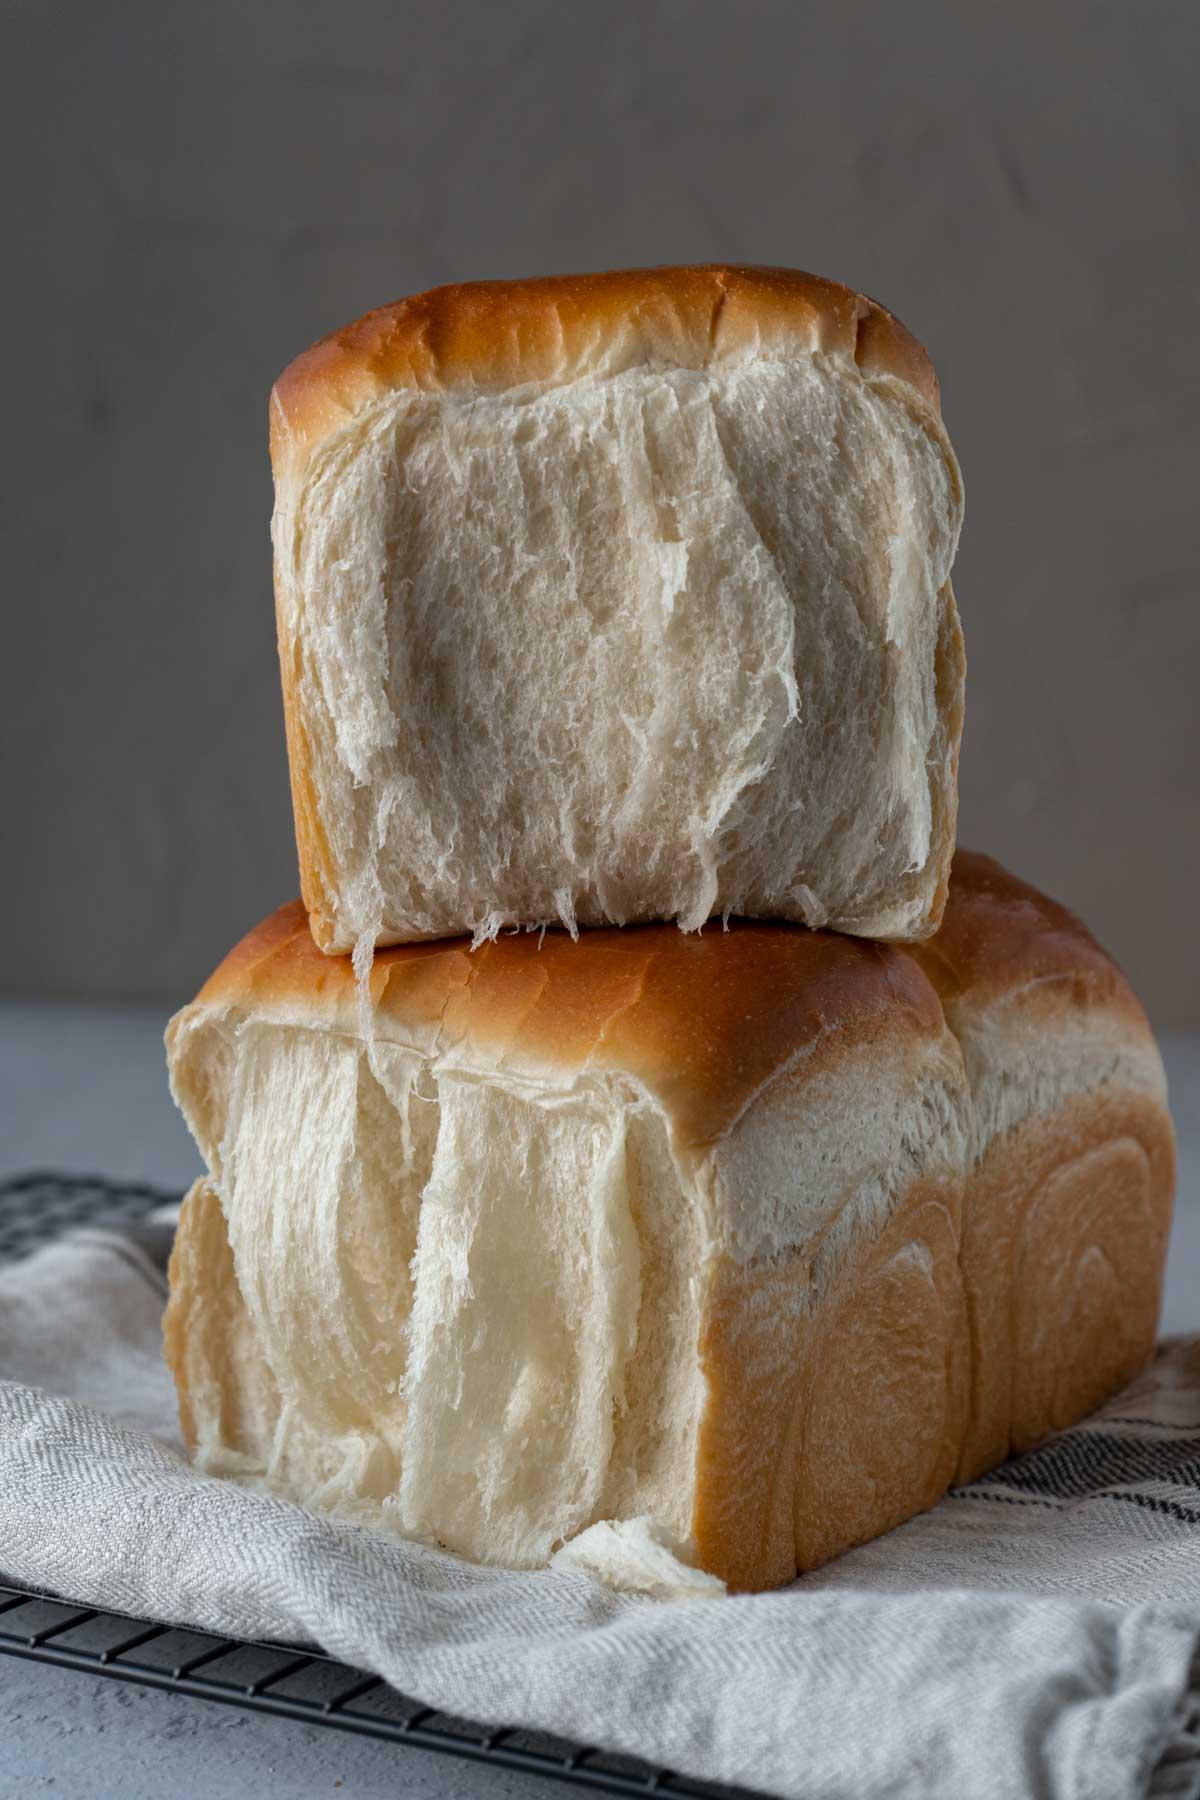 Side of milk bread.